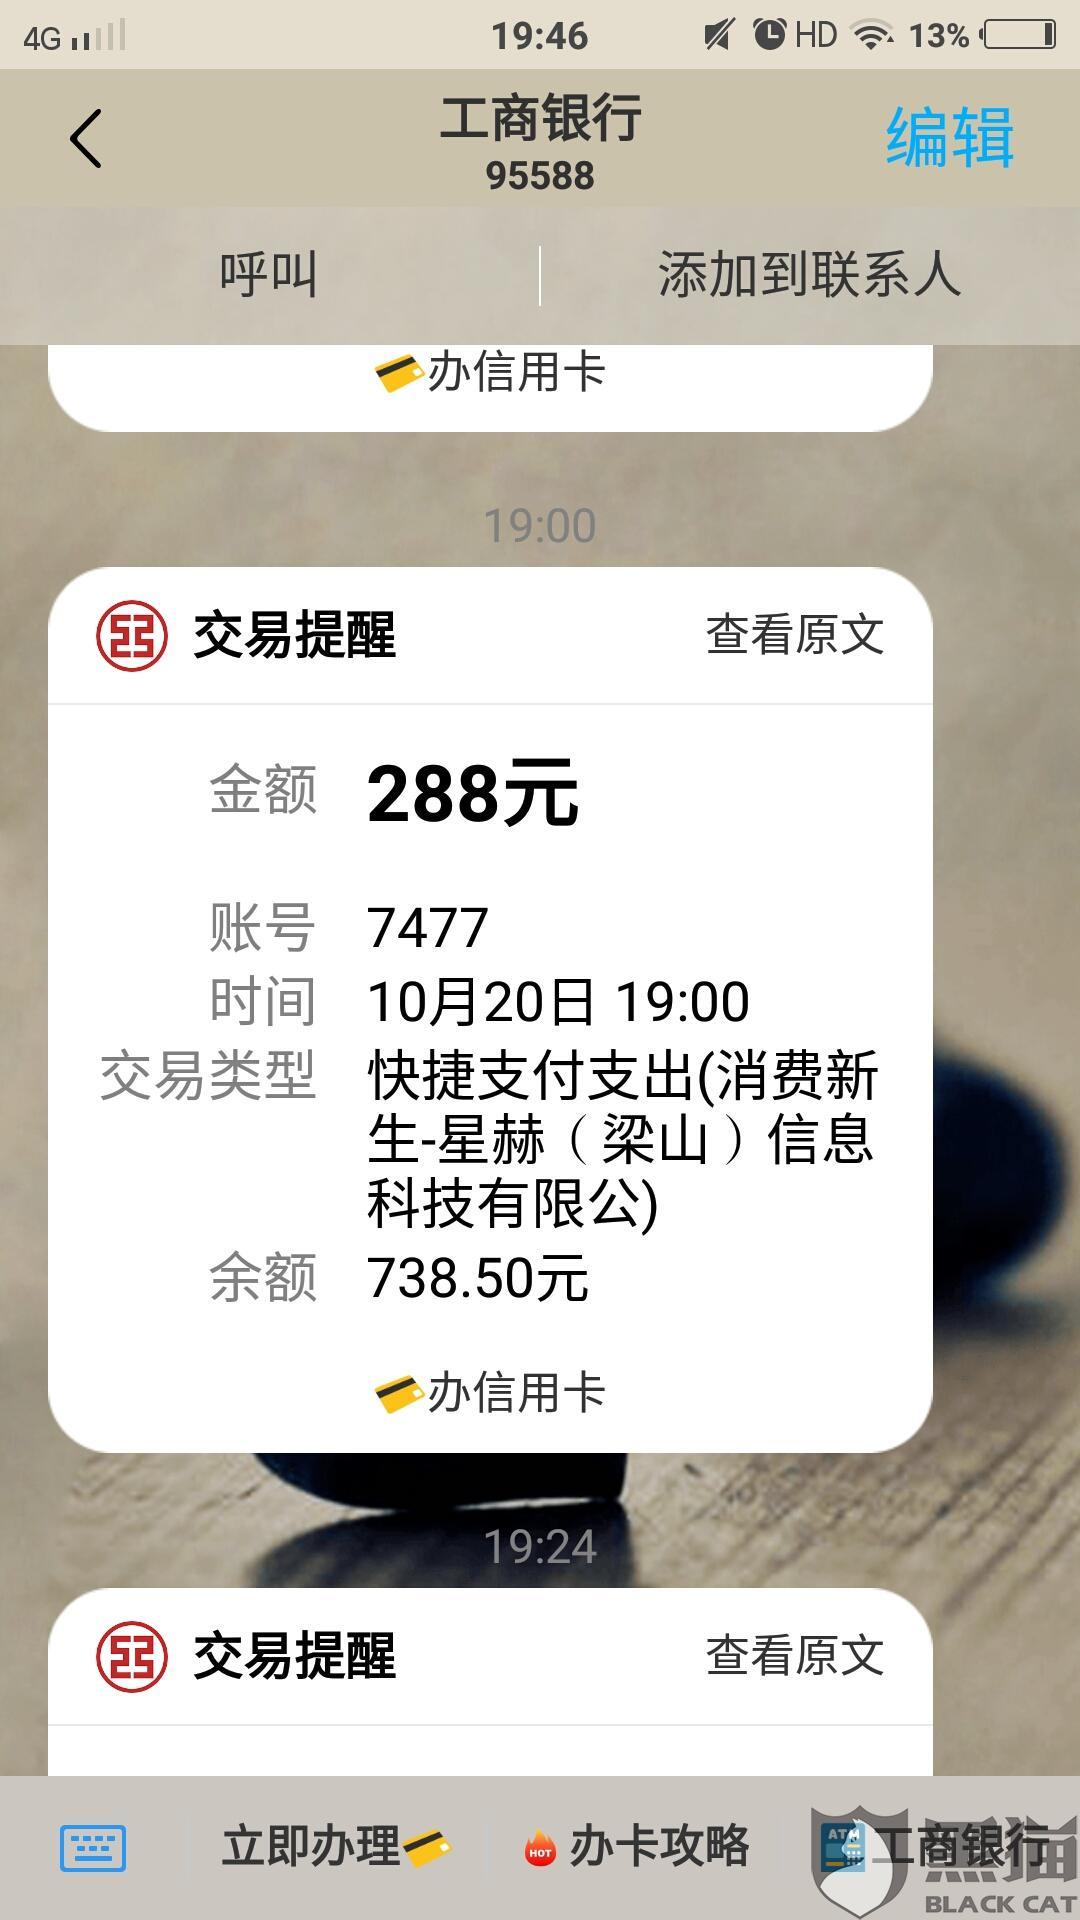 黑猫投诉:新生-星赫(梁山)信息科技有限公司要退款道歉